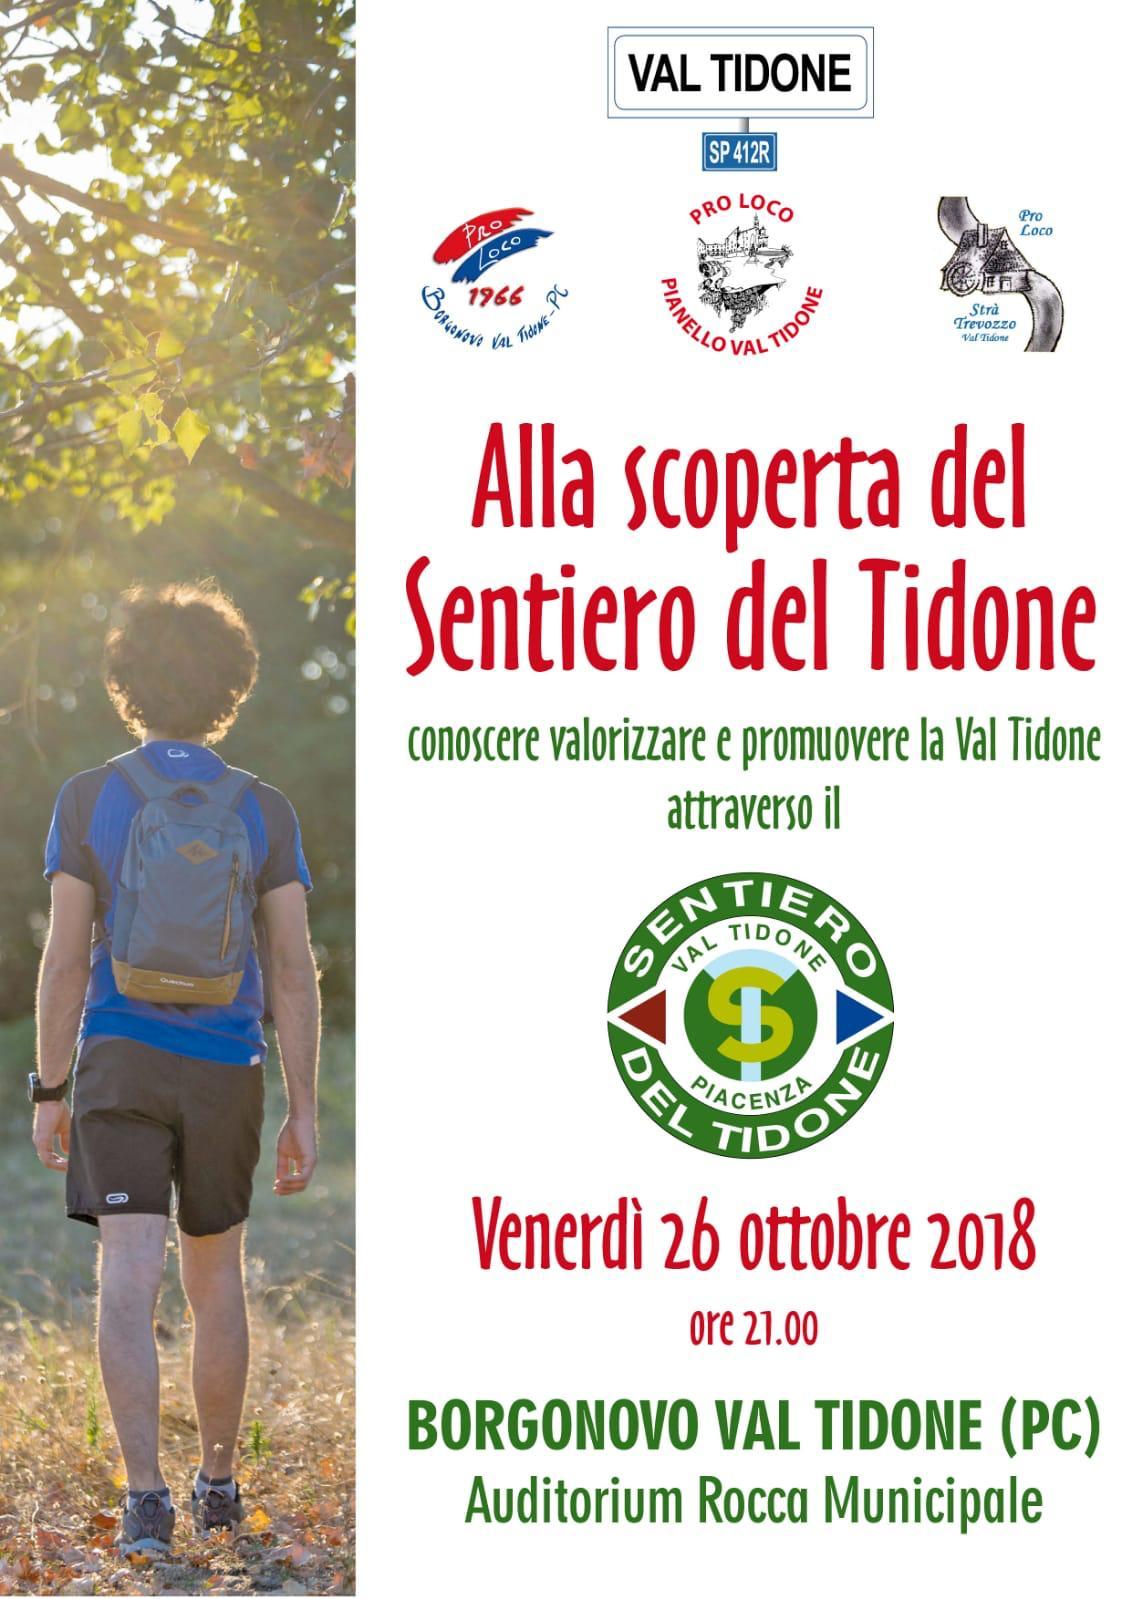 Alla scoperta del Sentiero del Tidone Borgonovo